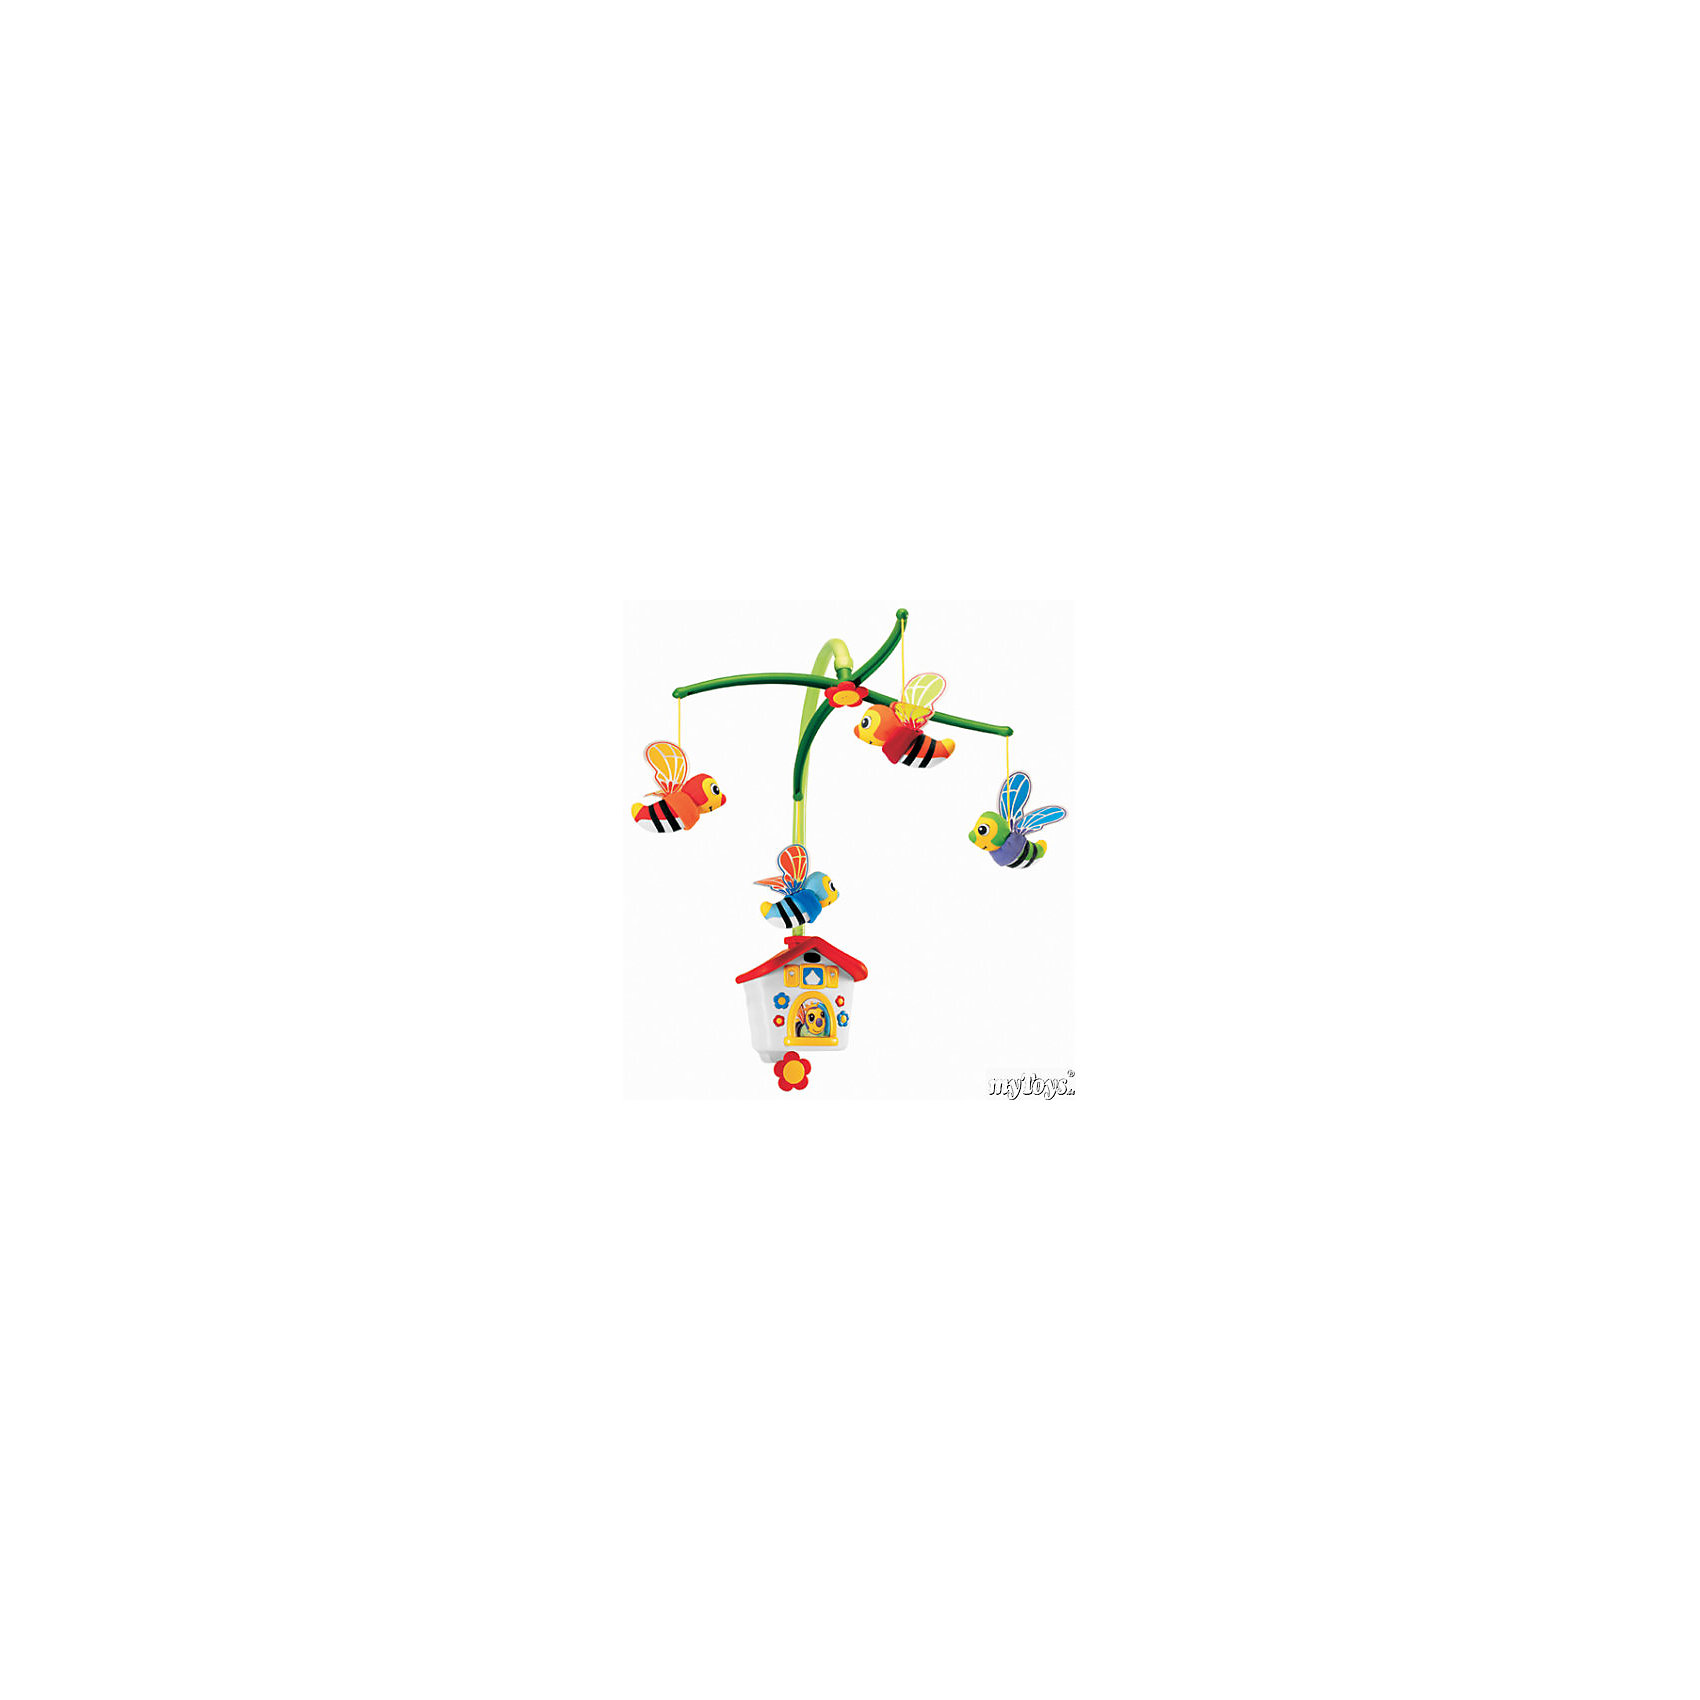 Мобиль Пчелки, ChiccoМобиль Пчелки Chicco (Чико) успокоит и развлечет Вашего ребенка!<br><br>Мобиль Пчёлки предназначена для развития детей от рождения. Хоровод ярких пчелок из текстиля летает под звуки нежной музыки. Приятная мелодия поможет успокоить Вашего ребенка перед сном.<br><br>Карусель крепится к неподвижной стенке детской кроватки и заводится поворотом ключа музыкального ящика на карусели. Ее можно использовать как музыкальную шкатулку.<br><br>Мобиль Пчелки Chicco можно купить в нашем интернет-магазине.<br><br>Ширина мм: 453<br>Глубина мм: 149<br>Высота мм: 369<br>Вес г: 1473<br>Возраст от месяцев: 0<br>Возраст до месяцев: 48<br>Пол: Унисекс<br>Возраст: Детский<br>SKU: 1505833